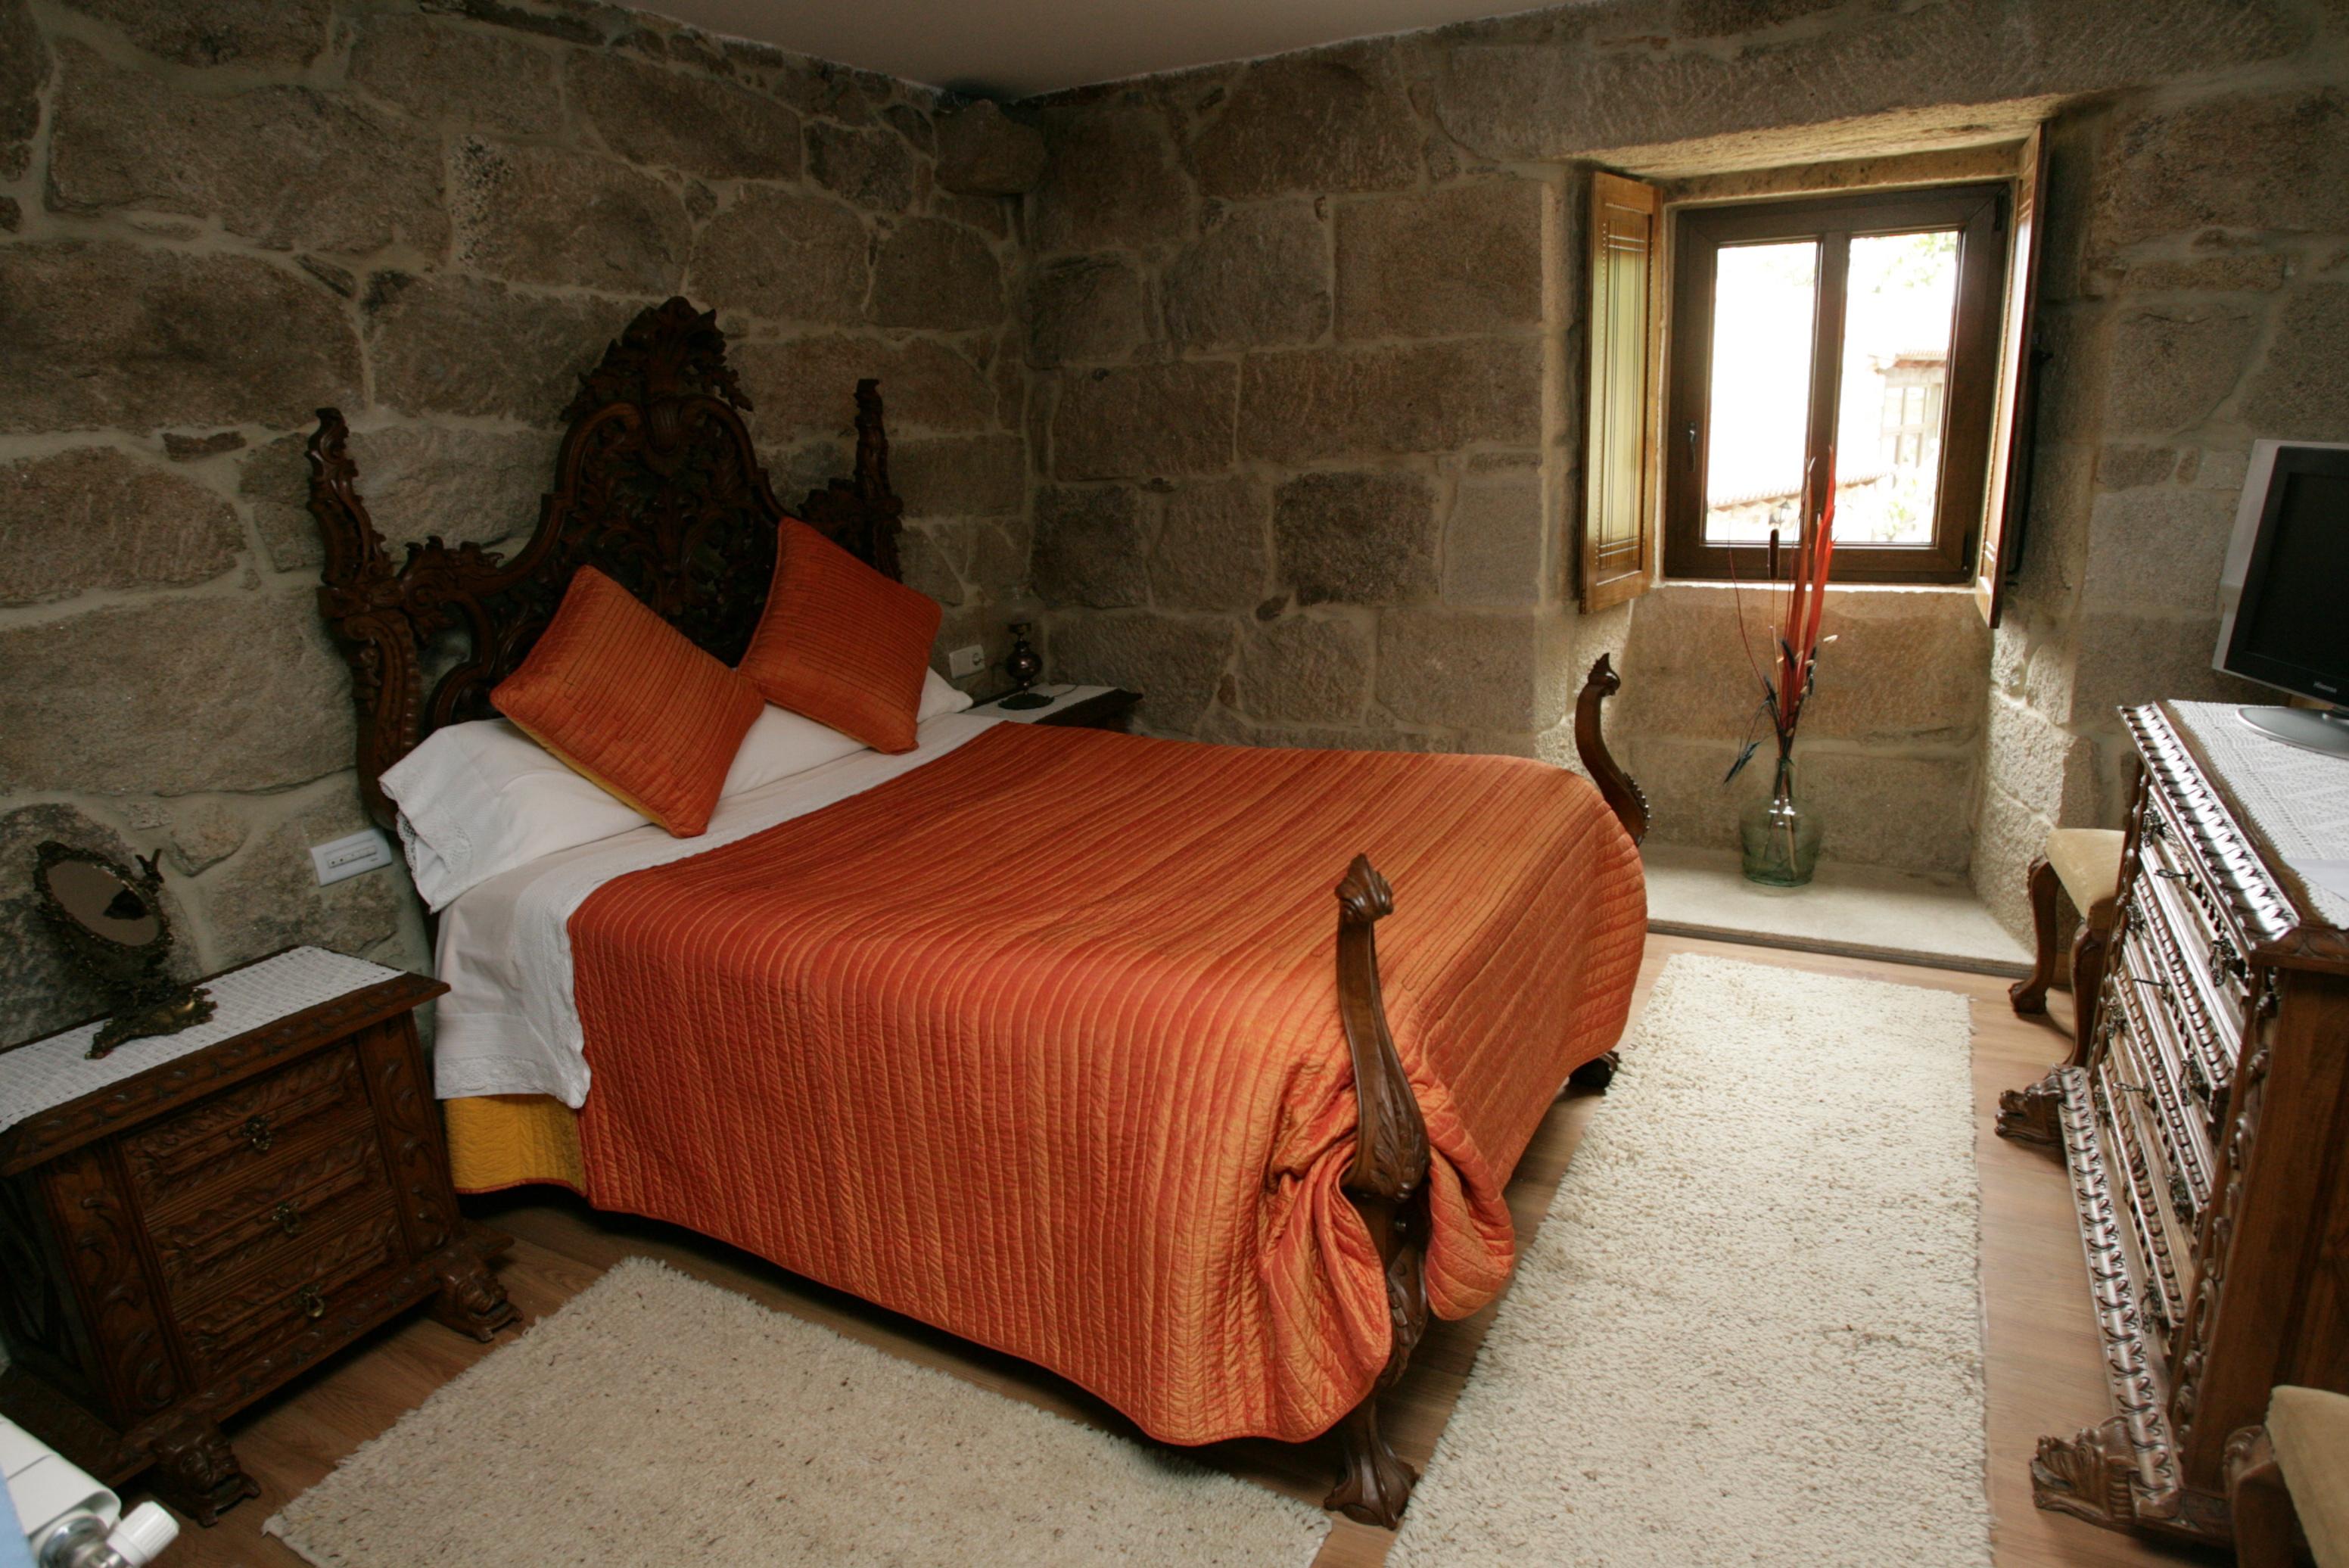 http://pazodeludeiro.com/wp-content/uploads/2015/07/habitación-doble-3a.jpg